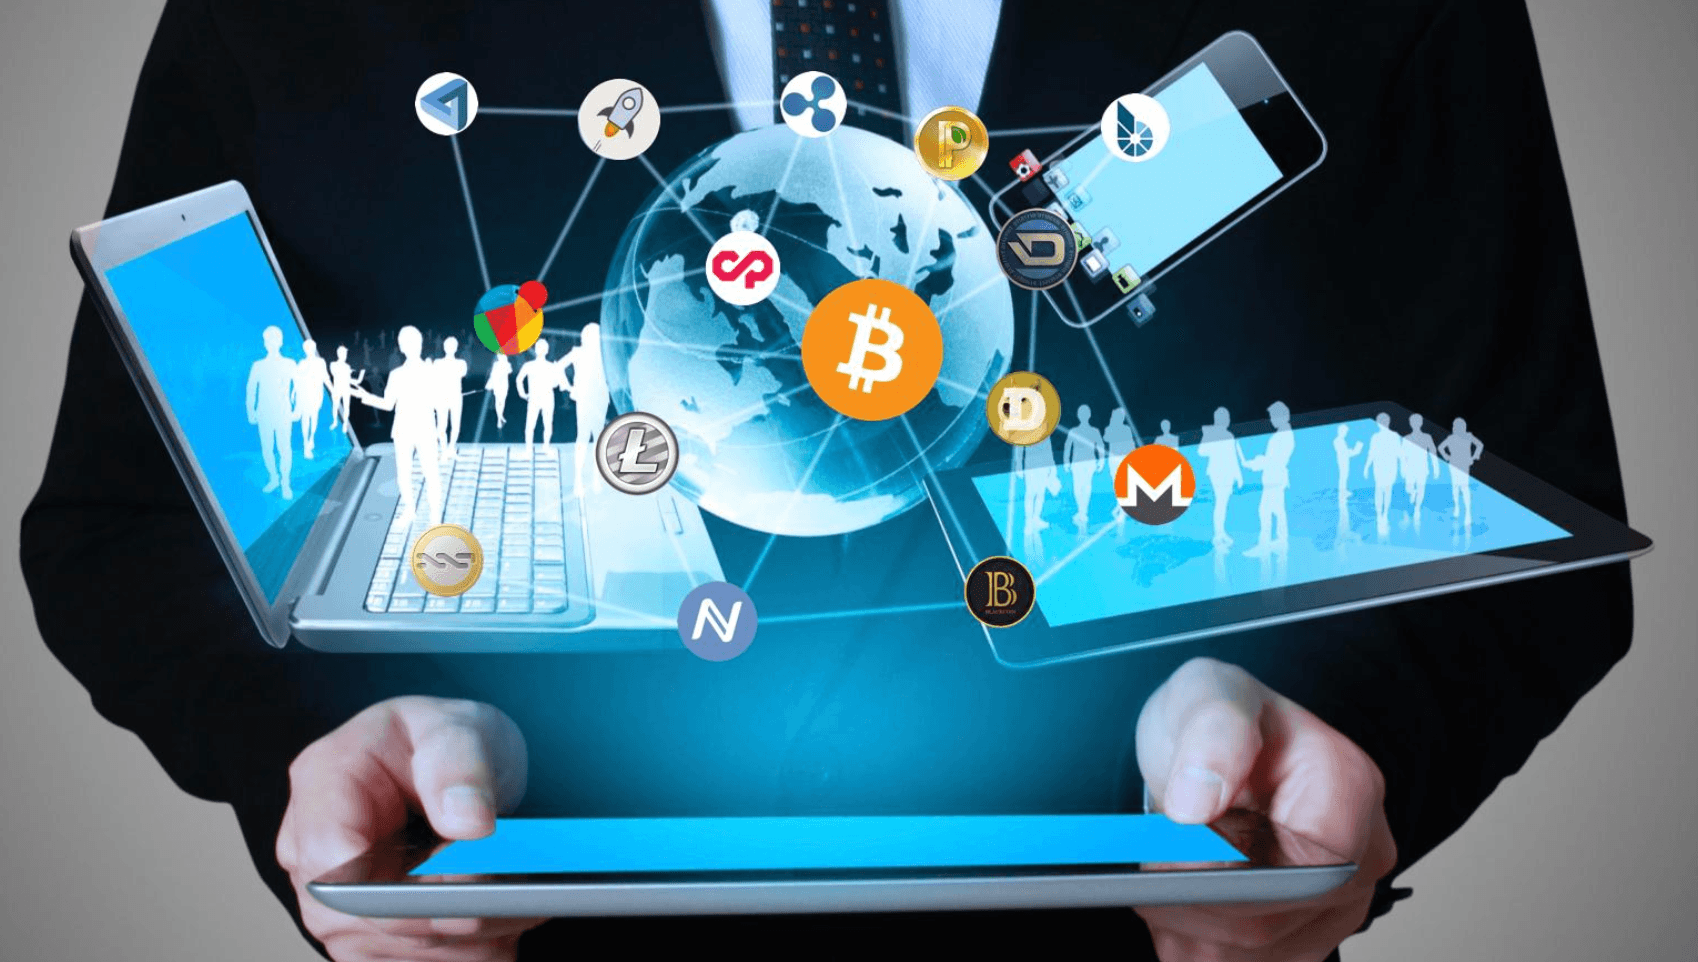 Molte criptovalute potrebbero raddoppiare di valore nel 2019? Previsioni a lungo termine